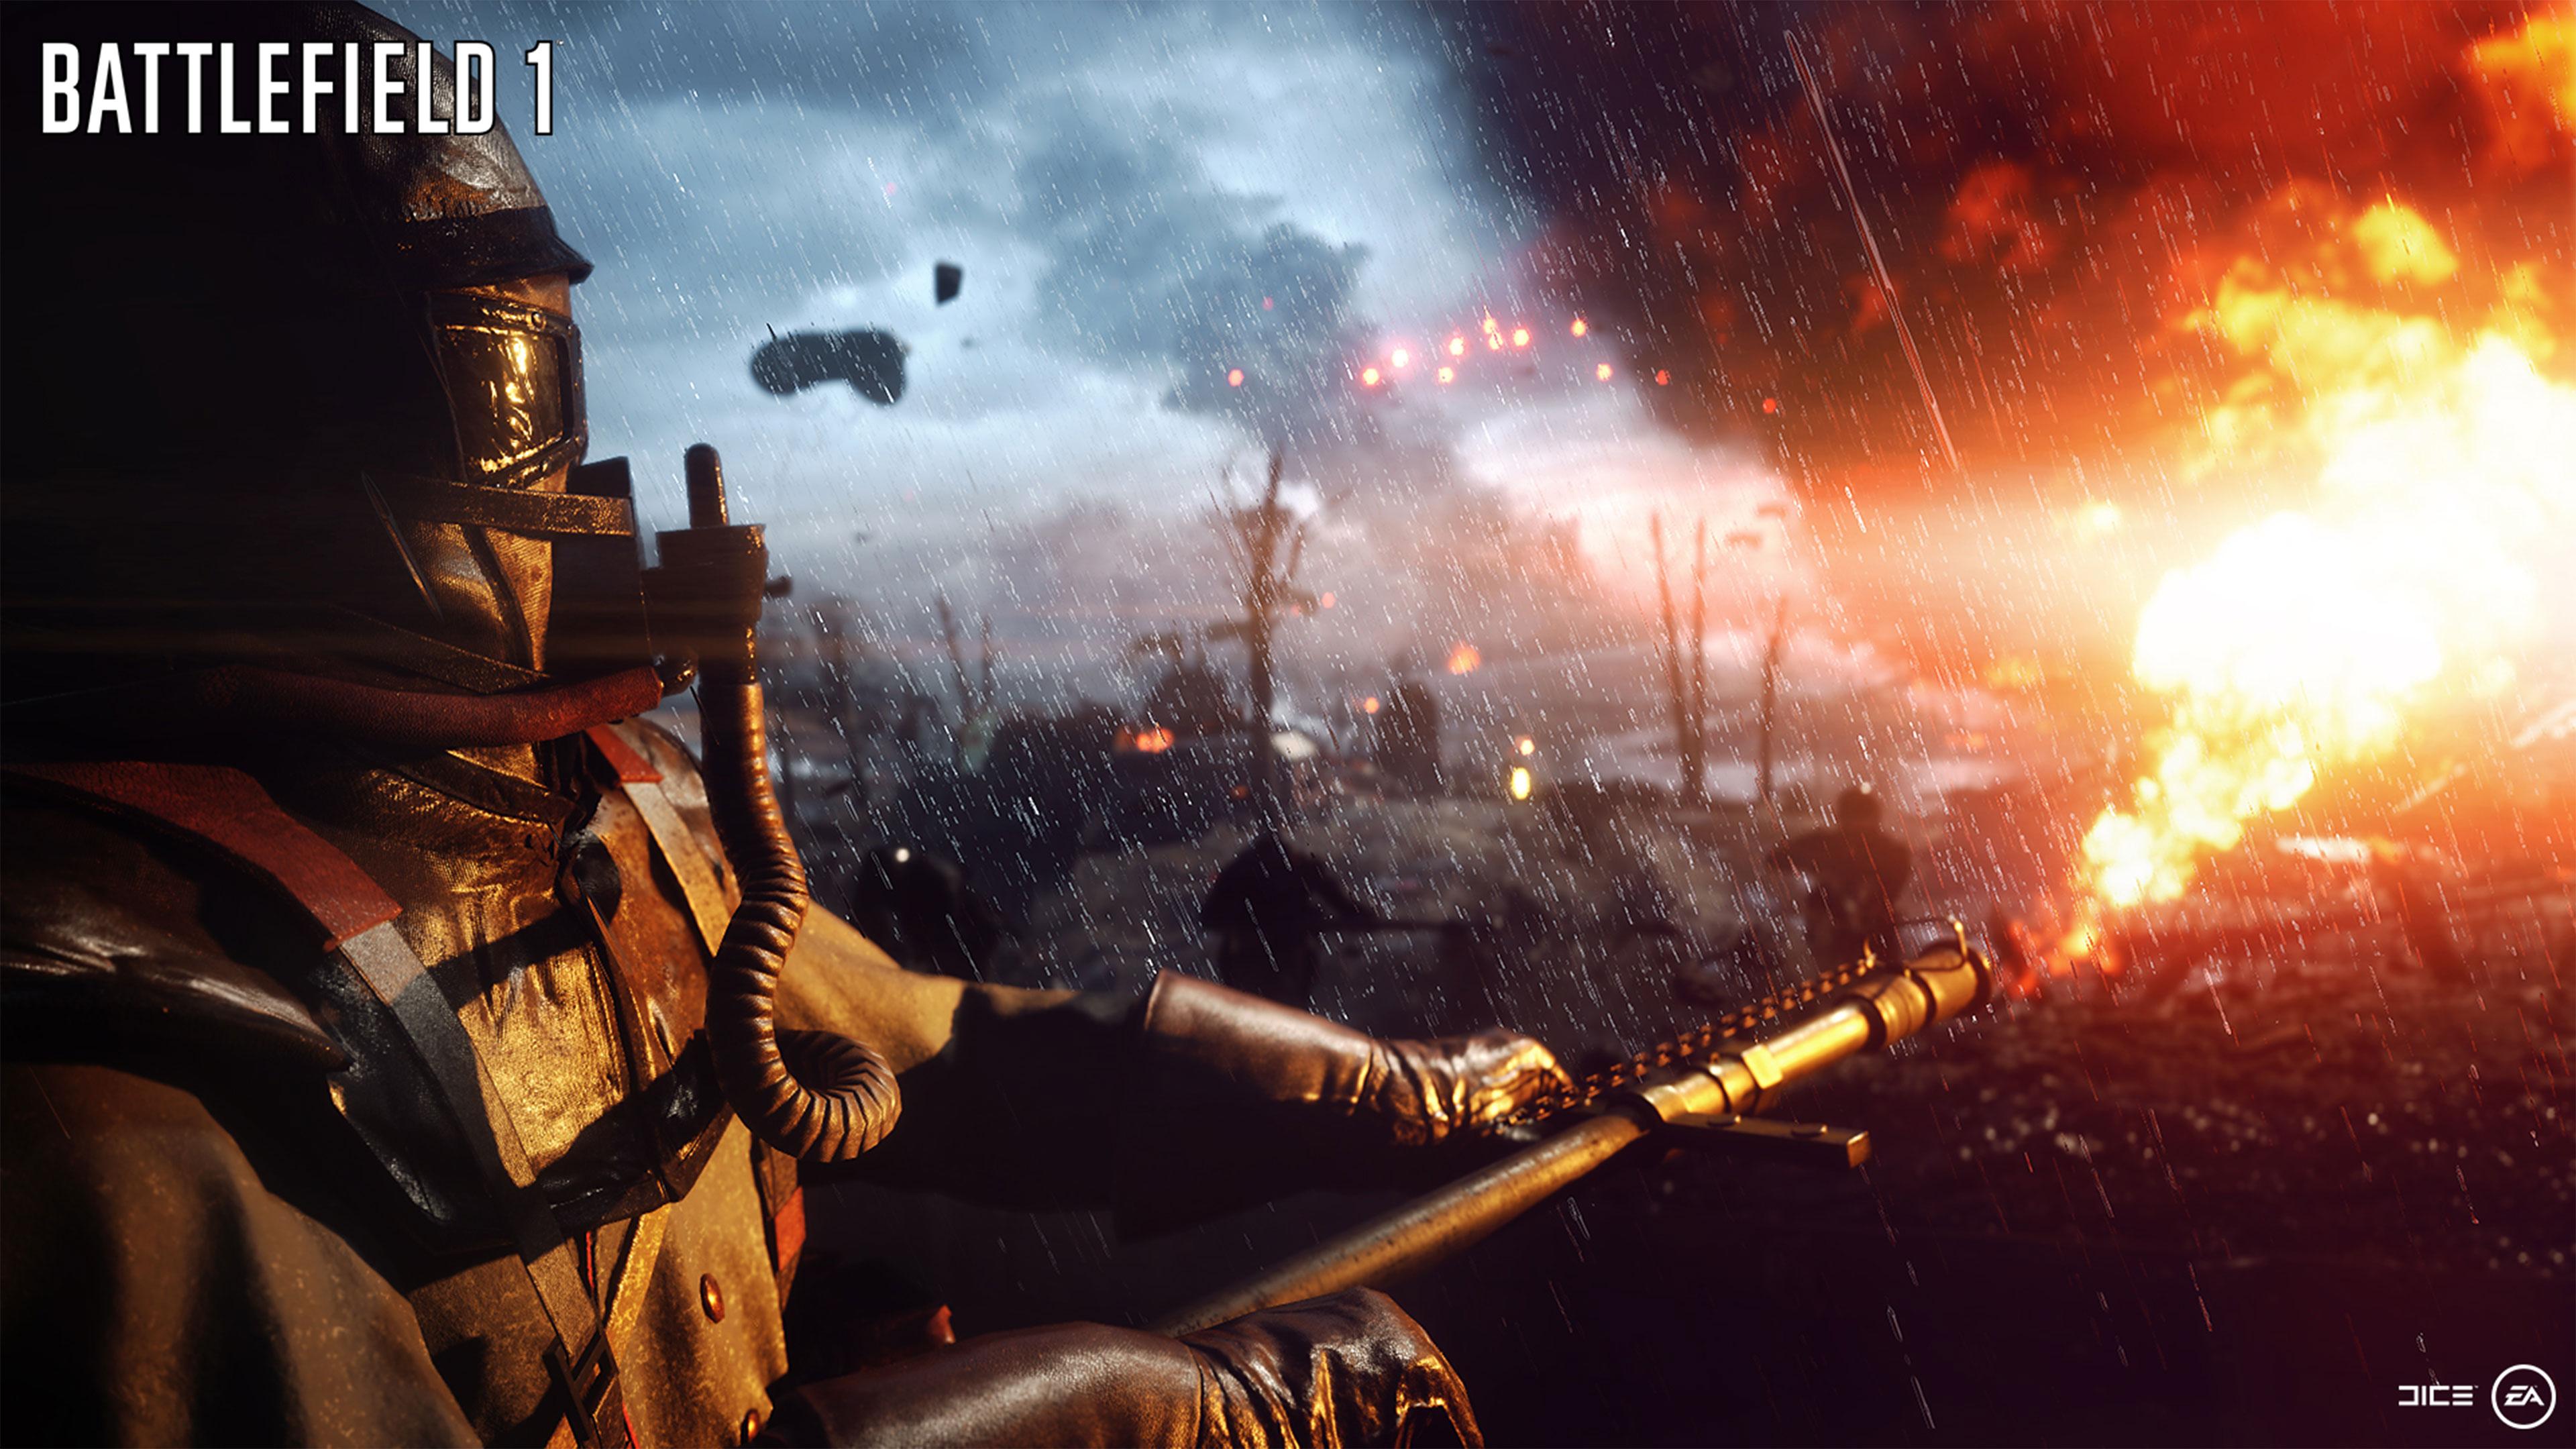 Scarica Battlefield 1 per Android: un classico! 1